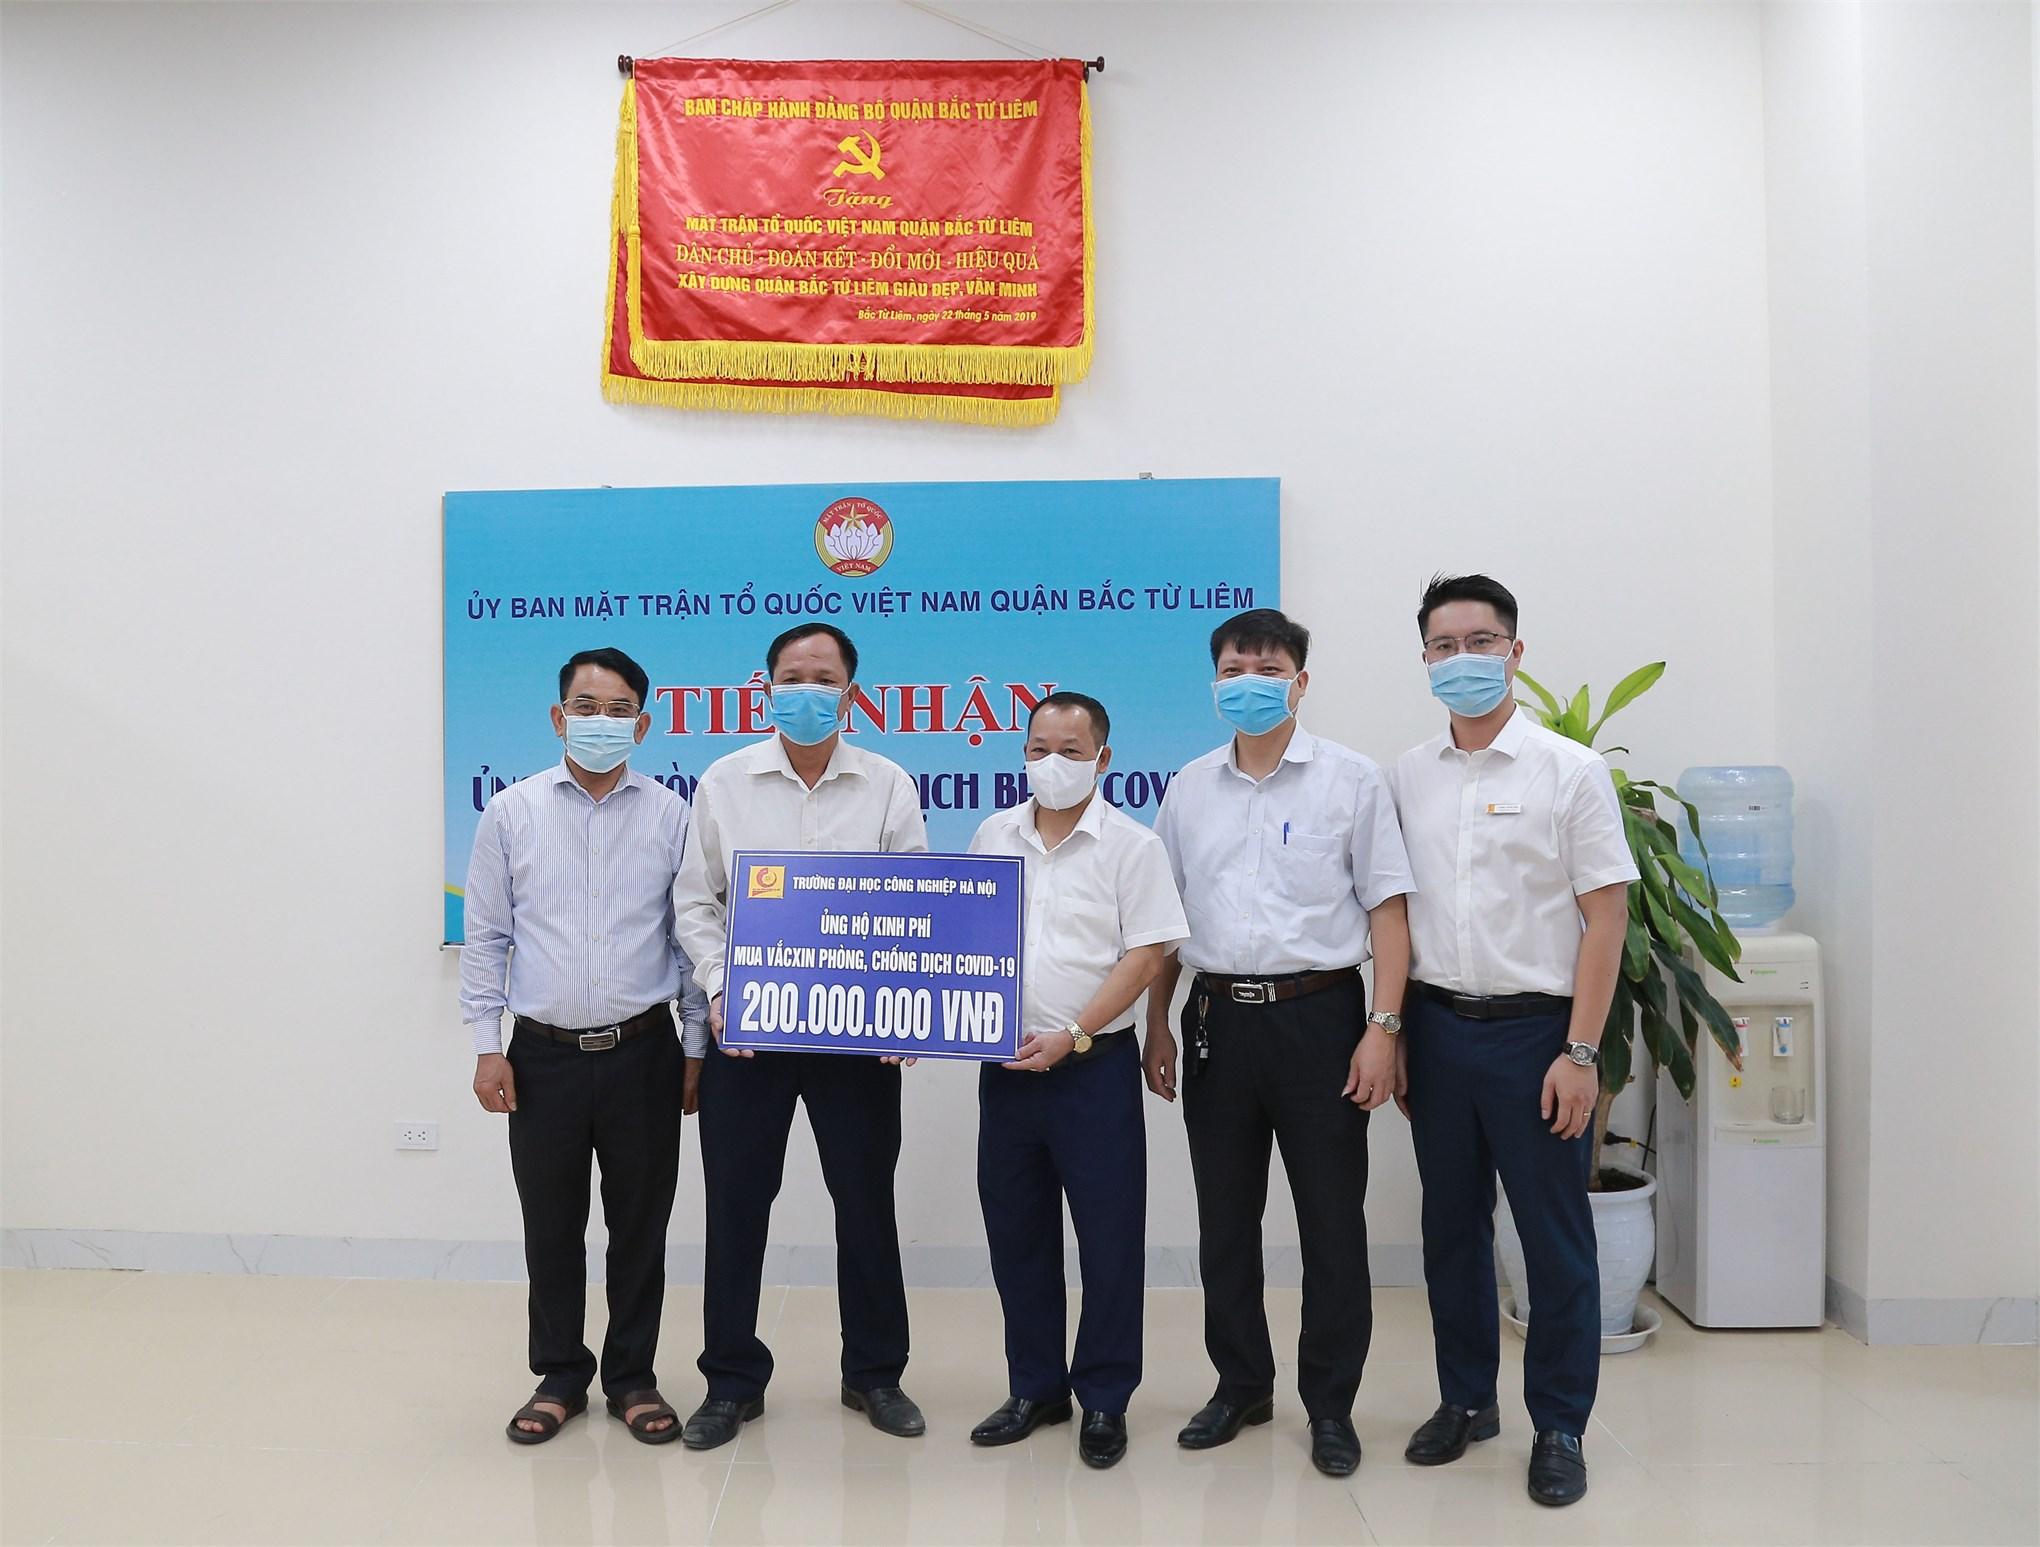 """Đại học Công nghiệp Hà Nội ủng hộ 200 triệu đồng cho """"Quỹ vắc - xin phòng chống Covid -19"""""""